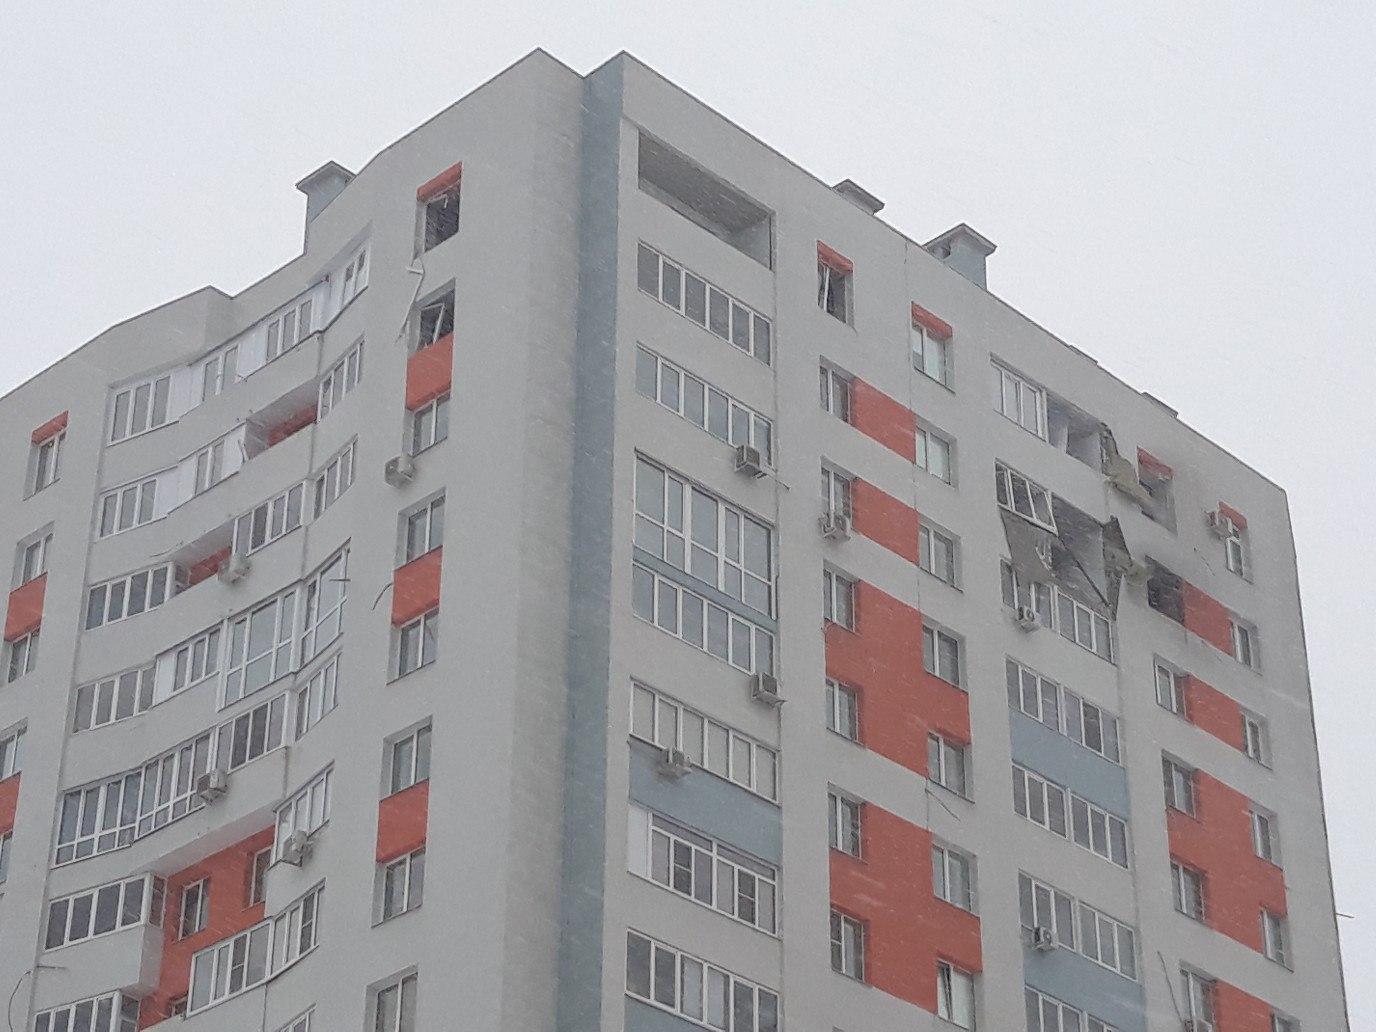 От взрывной волны пострадали квартиры соседнего подъезда